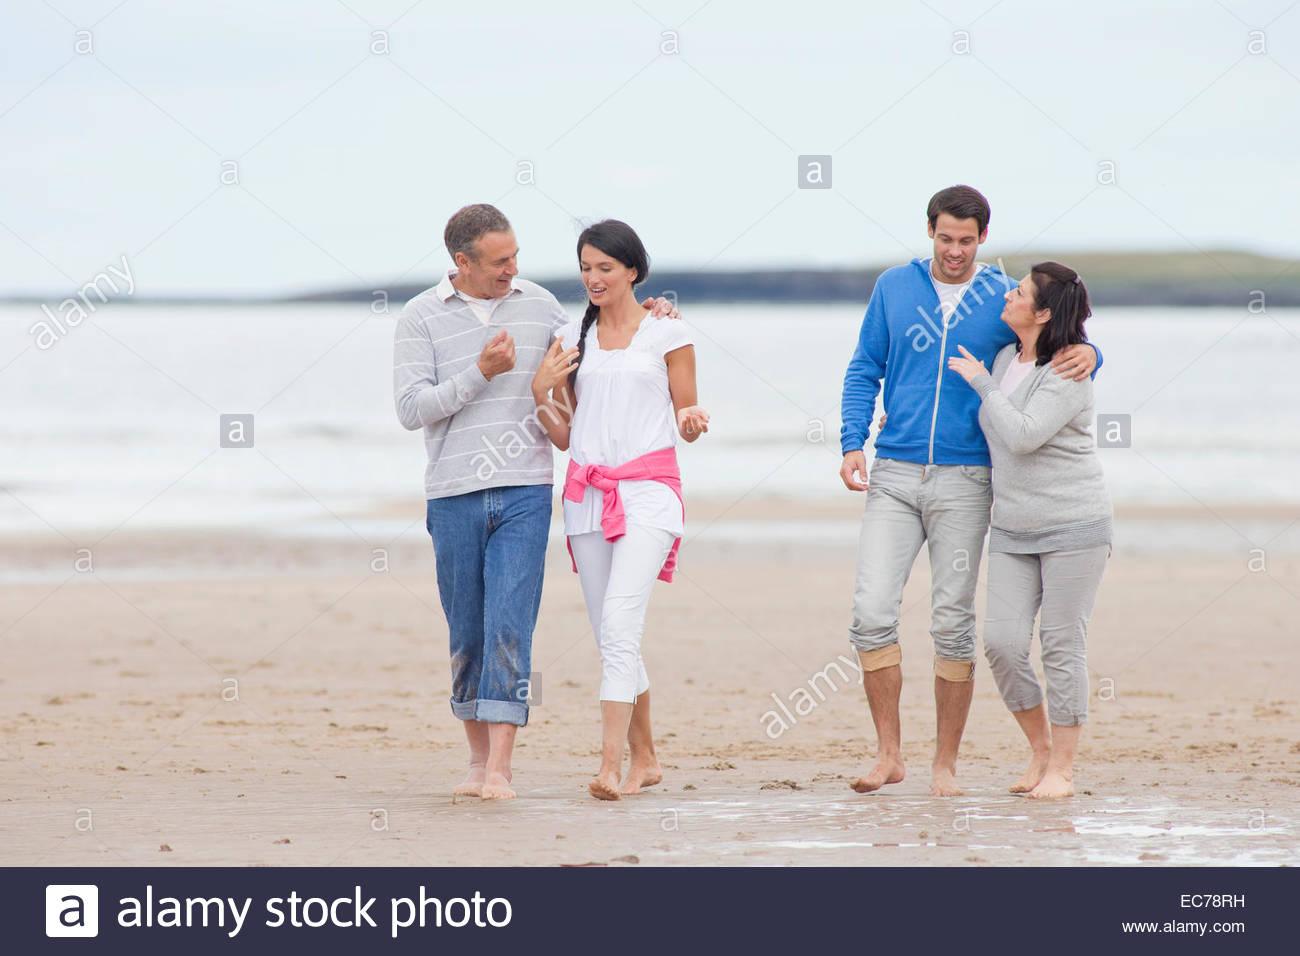 Les parents et enfants adultes walking on beach Photo Stock